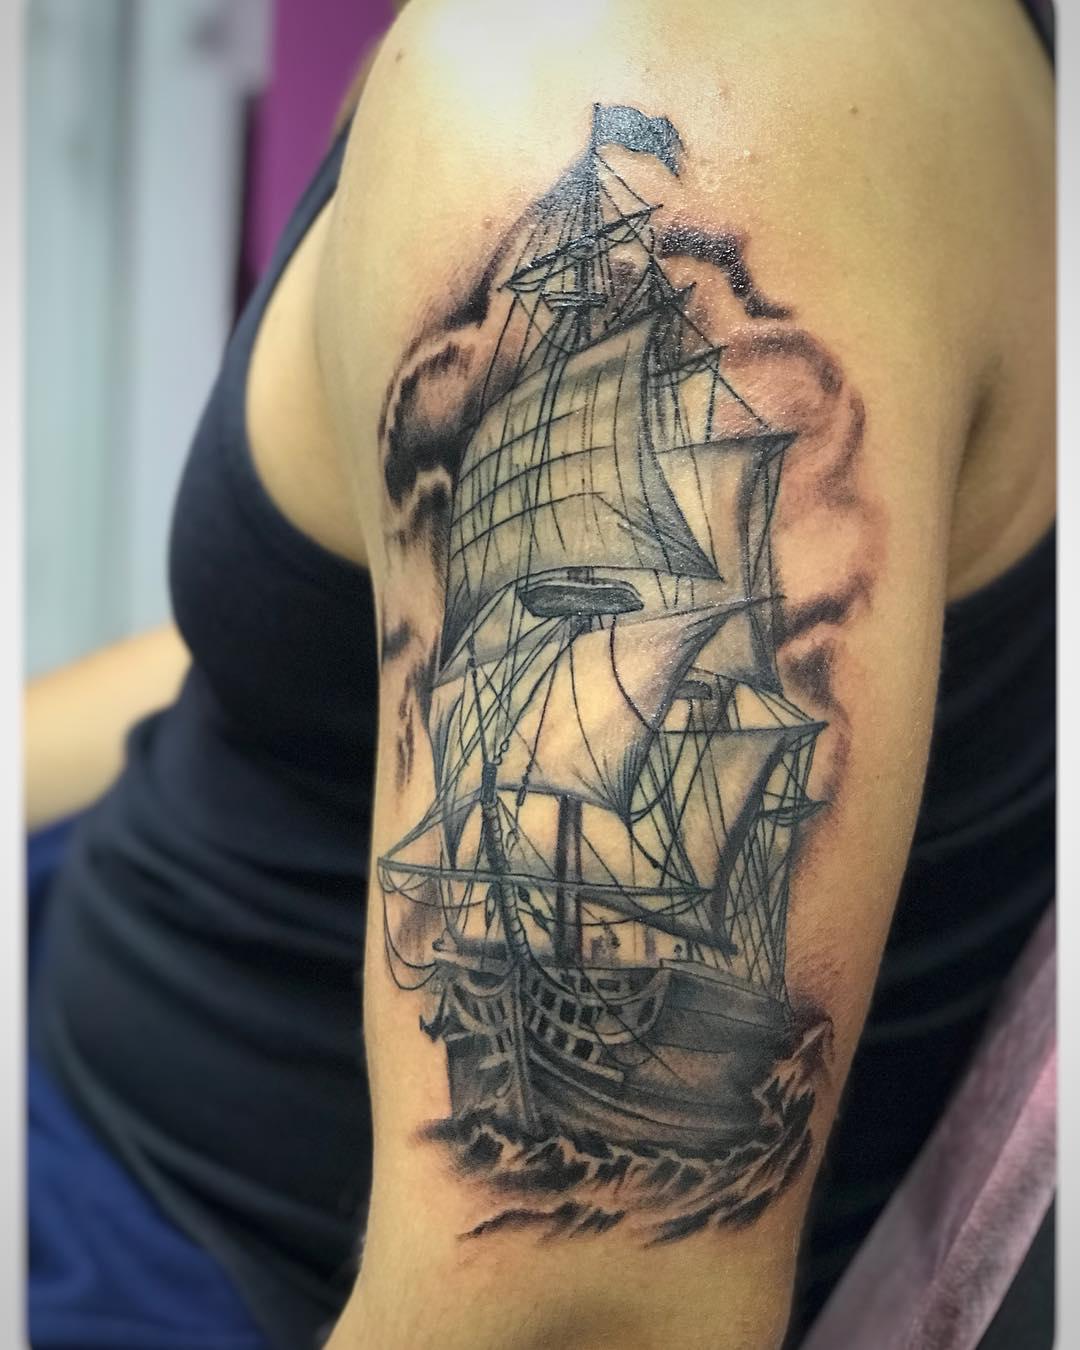 广州金湖雅苑搞动画设计的红先生大臂帆船纹身图案图片